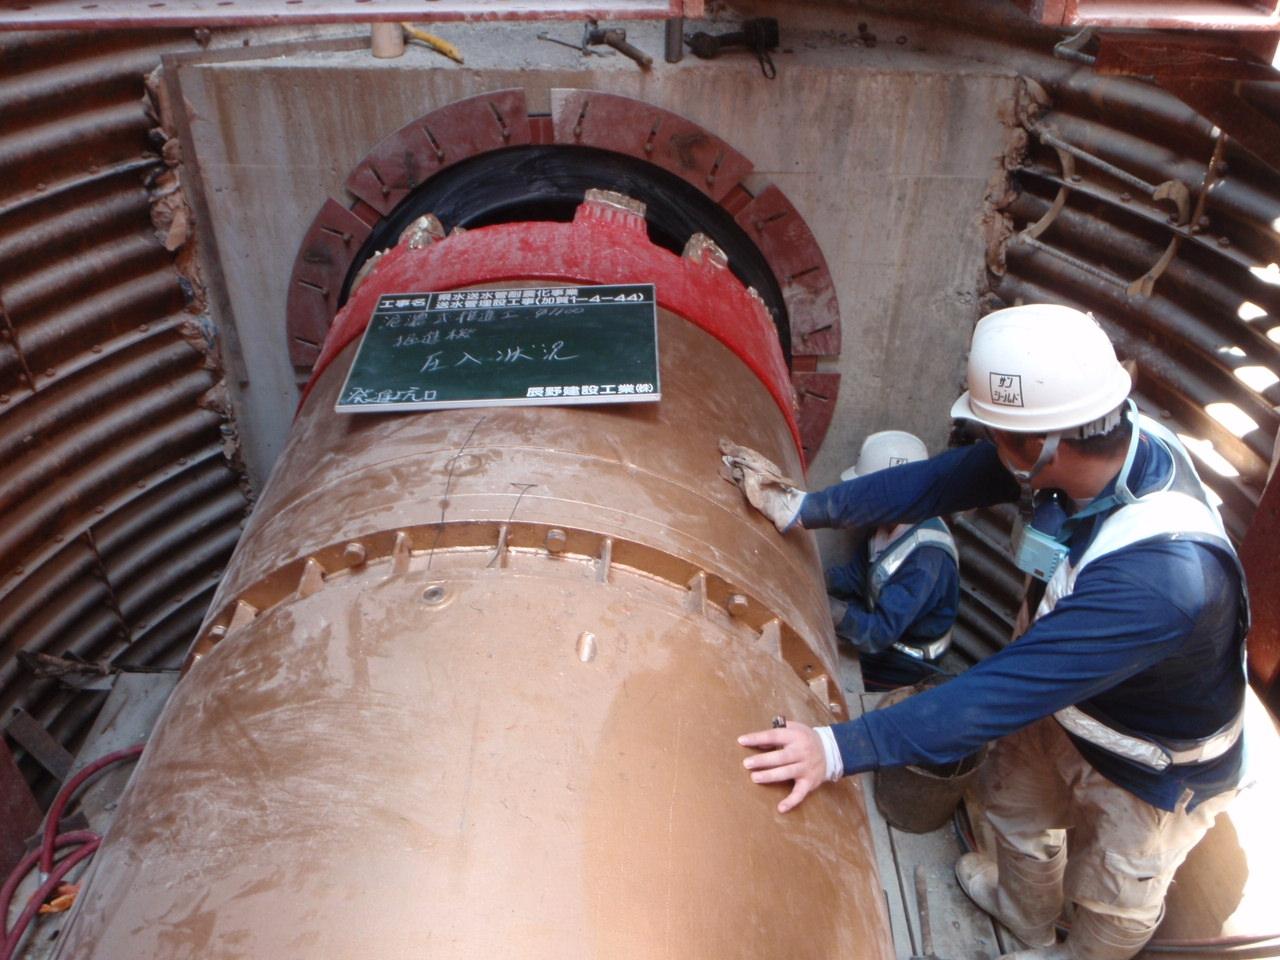 県水送水管耐震化事業 送水管埋設工事(加賀1-4-44) 先導体挿入状況